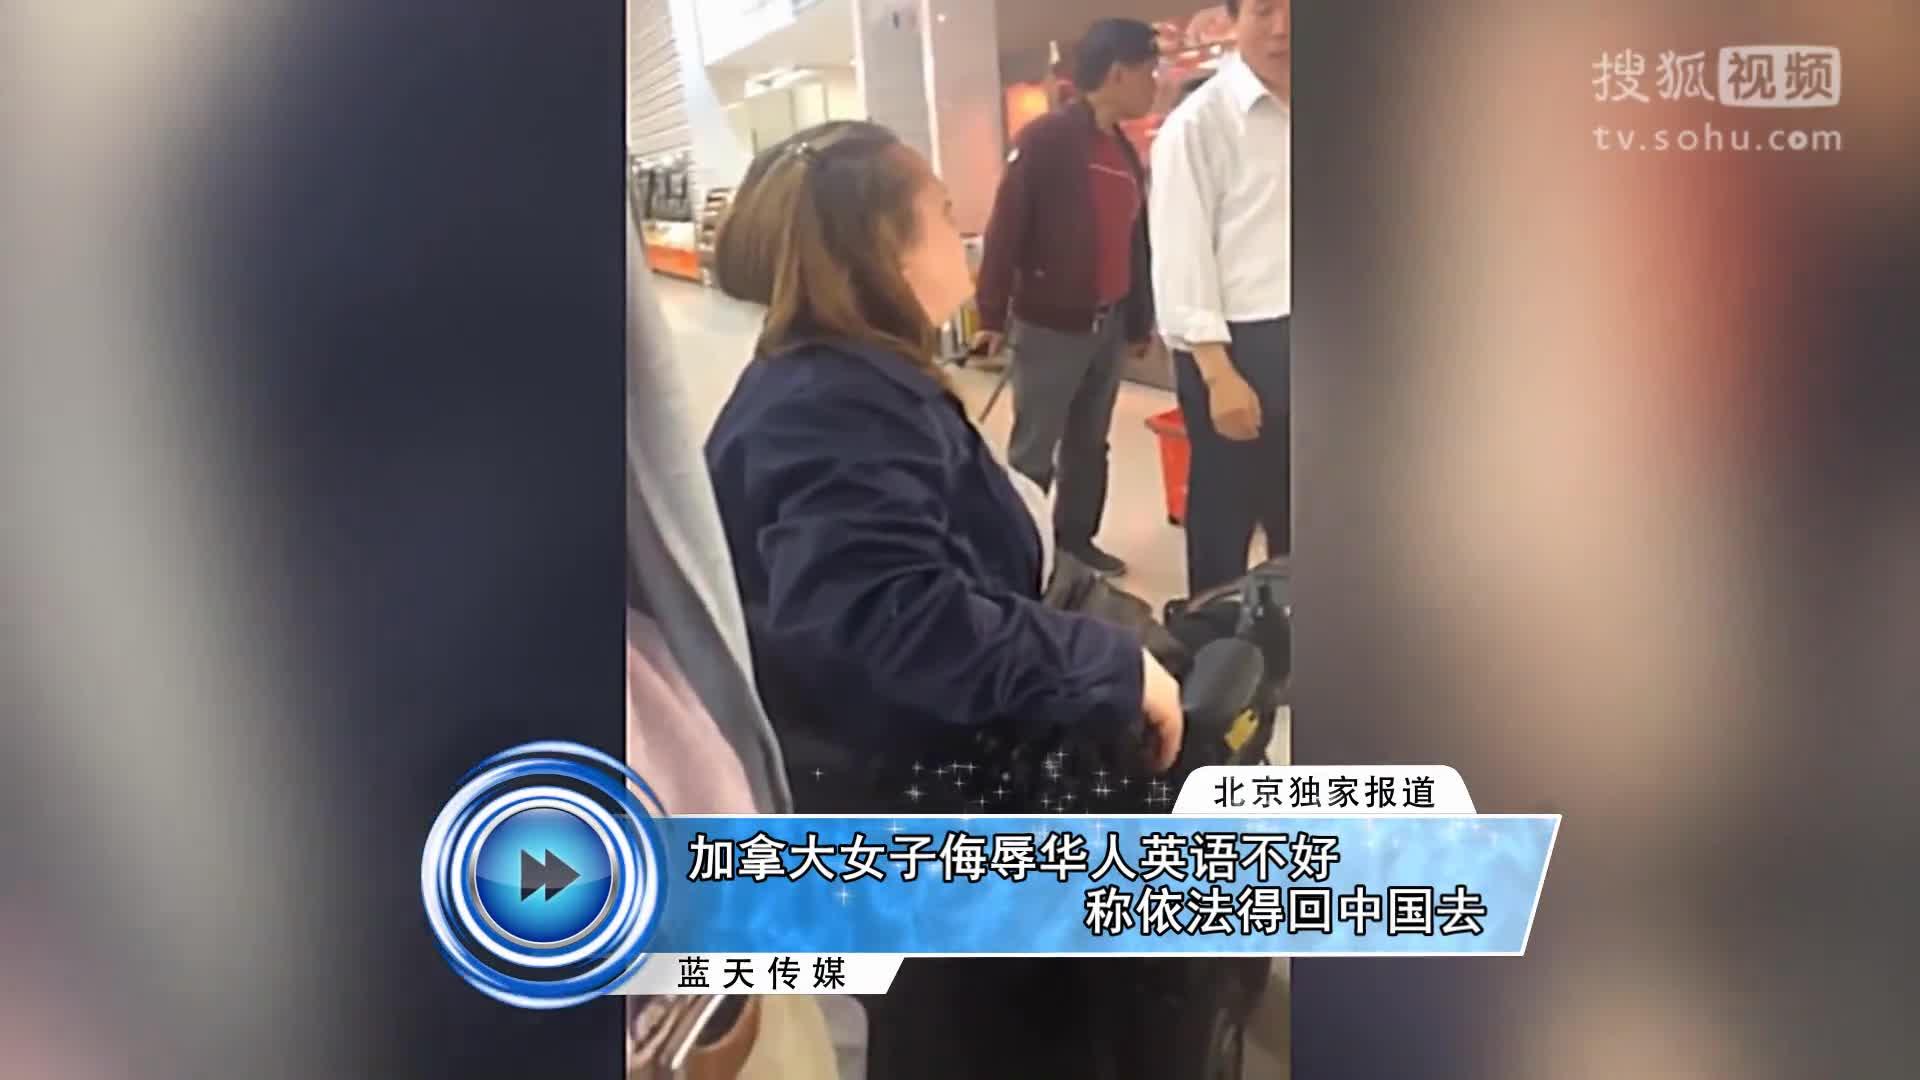 加拿大女子侮辱华人英语不好 称依法得回中国去